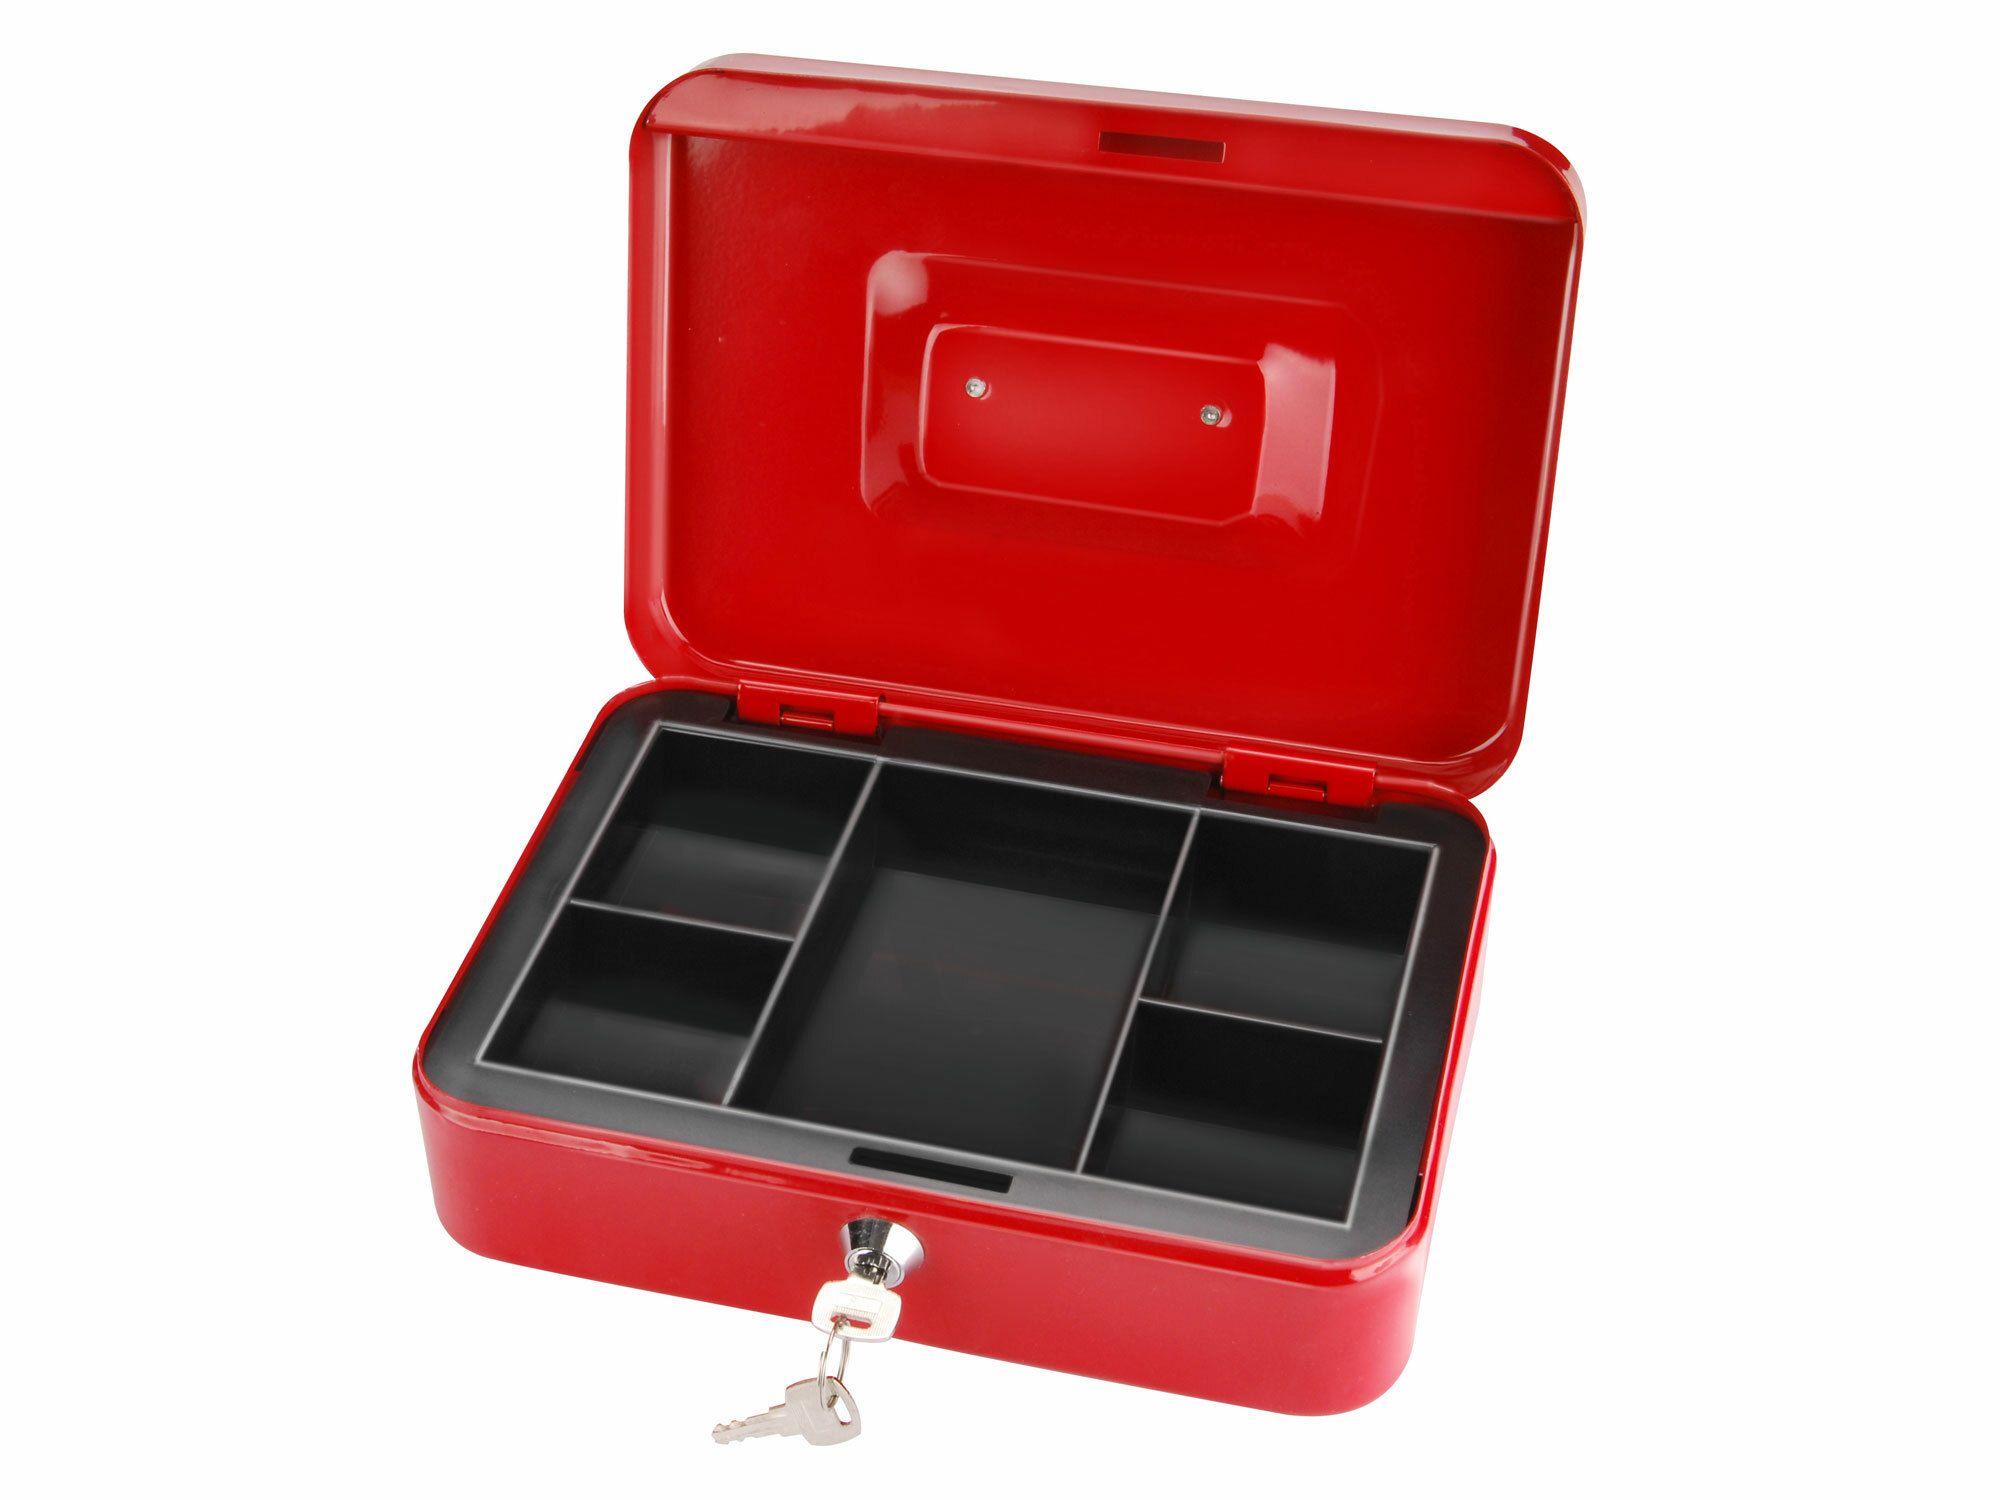 Schránka na peníze přenosná s pořadačem, 300x240x90mm, 2 klíče EXTOL-CRAFT